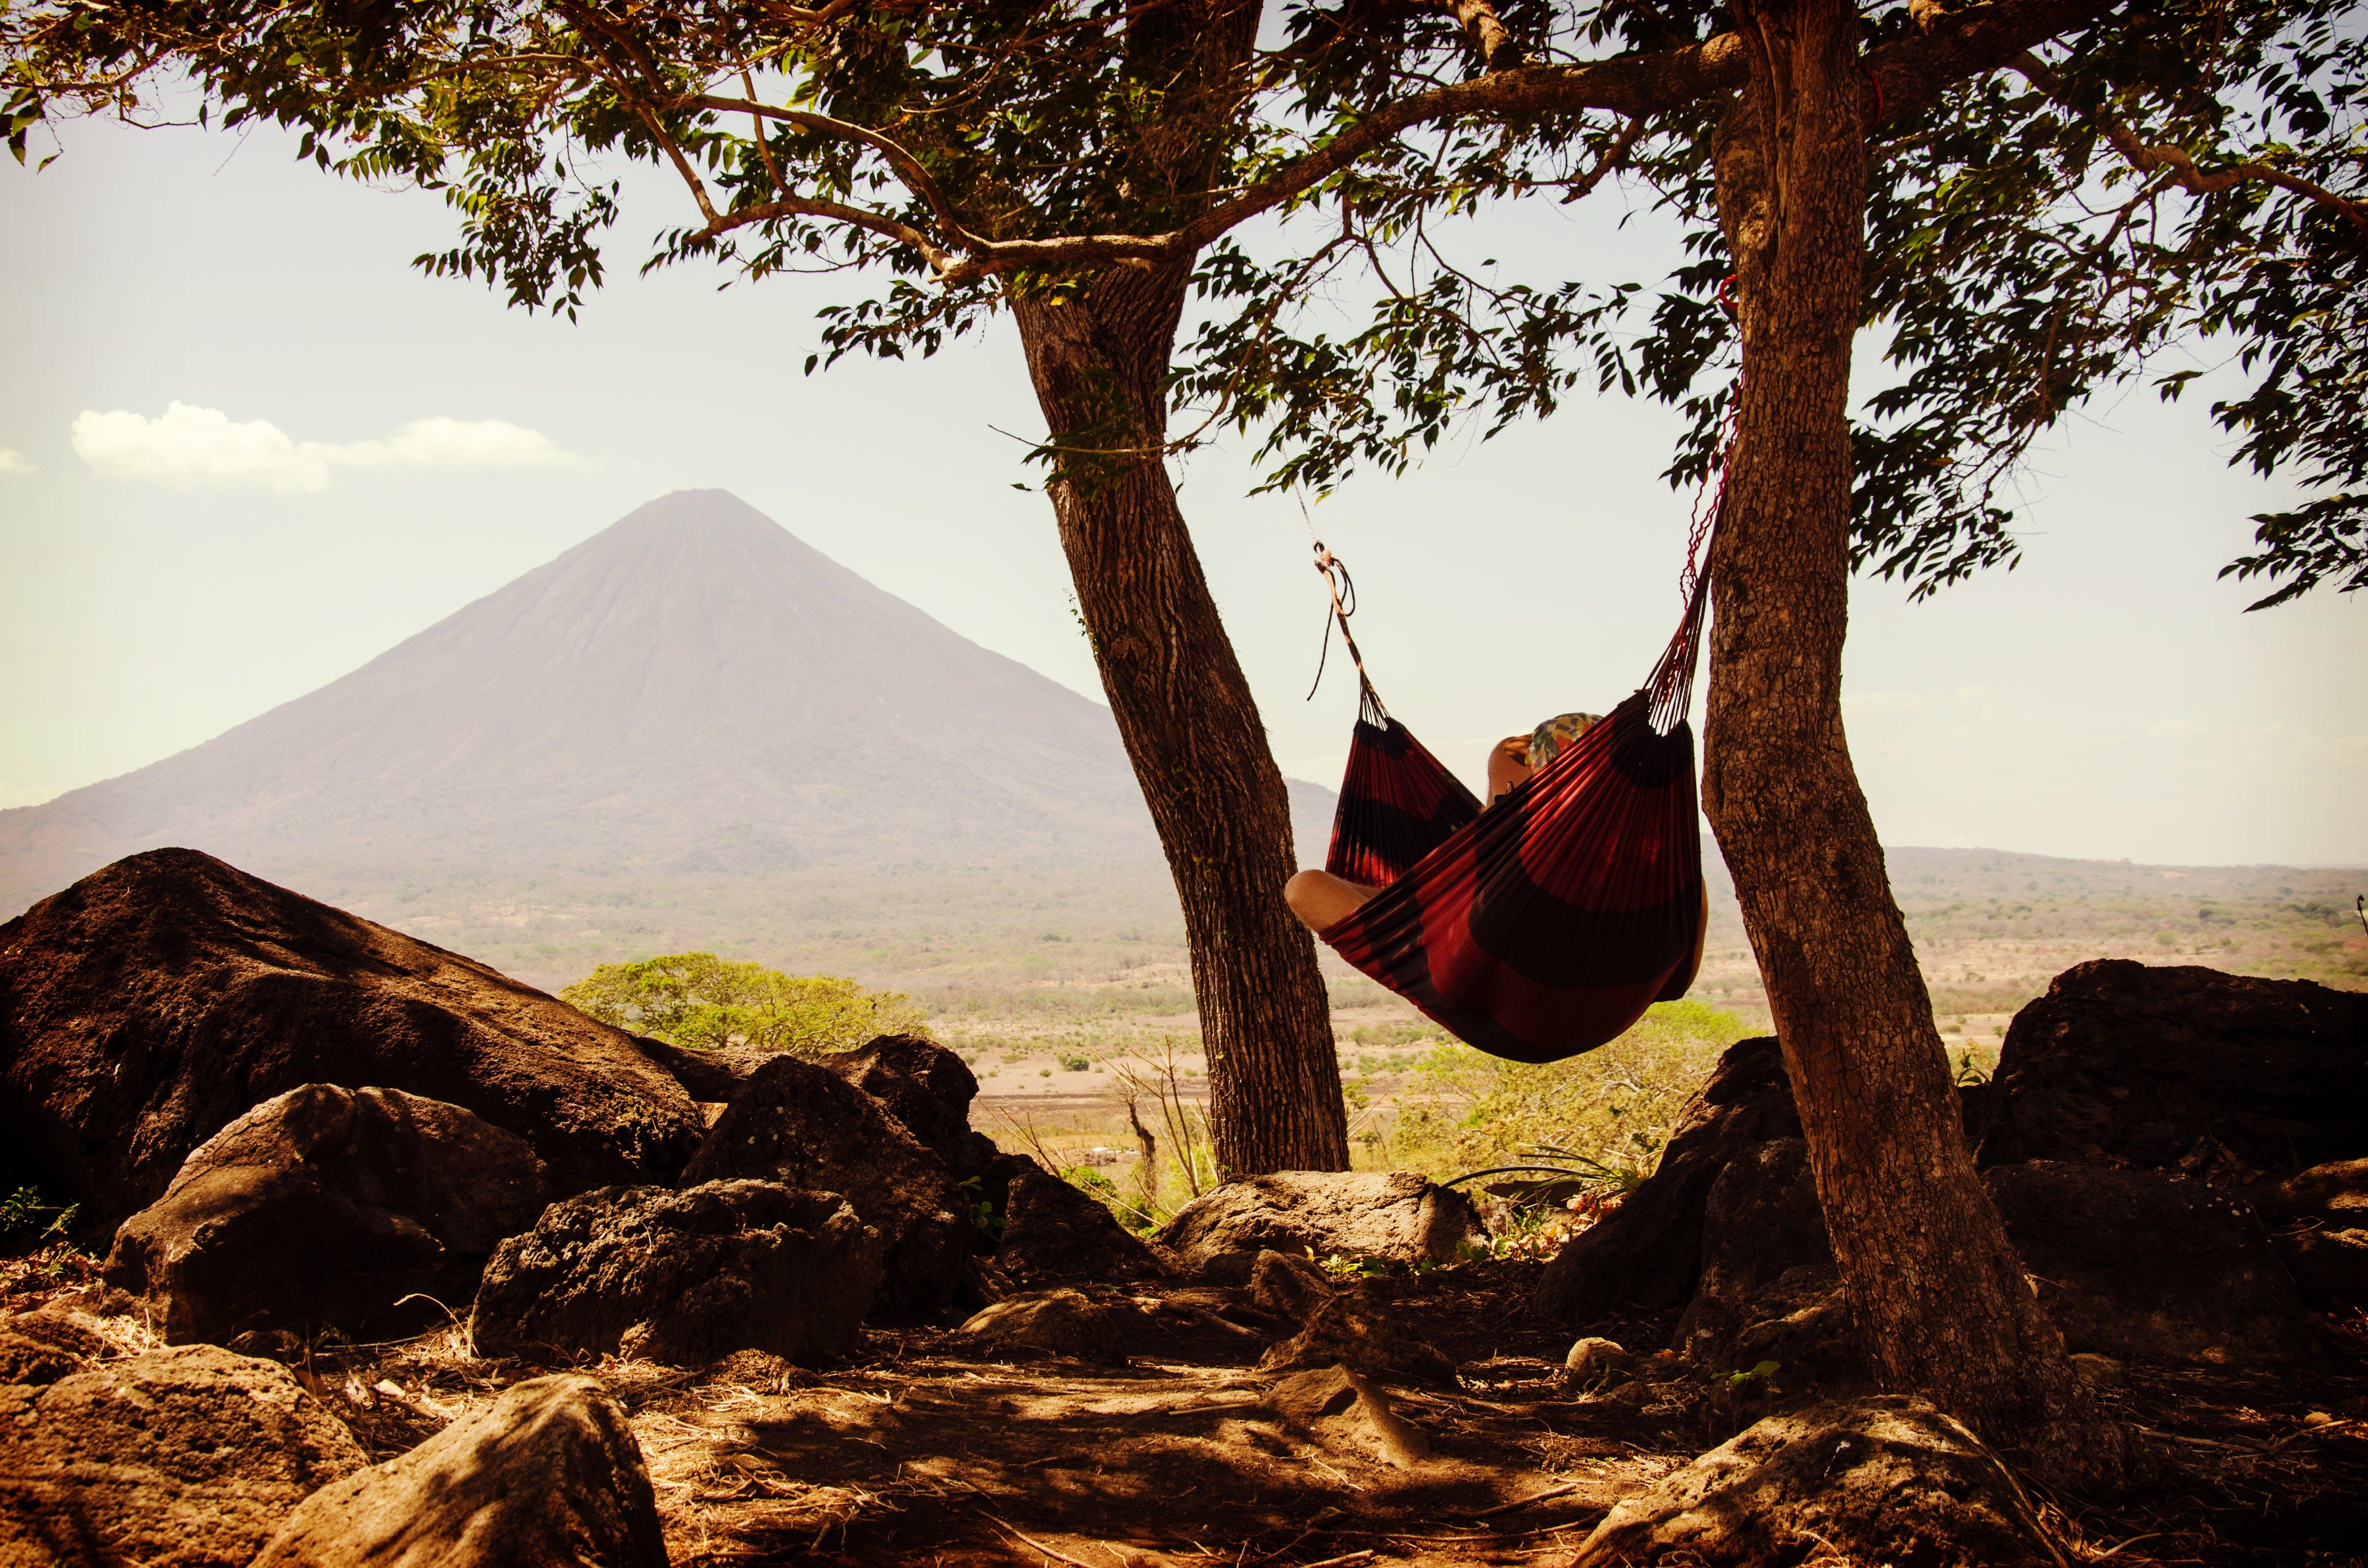 Kostenloses Stock Foto zu bäume, chillen, draußen, hängematte